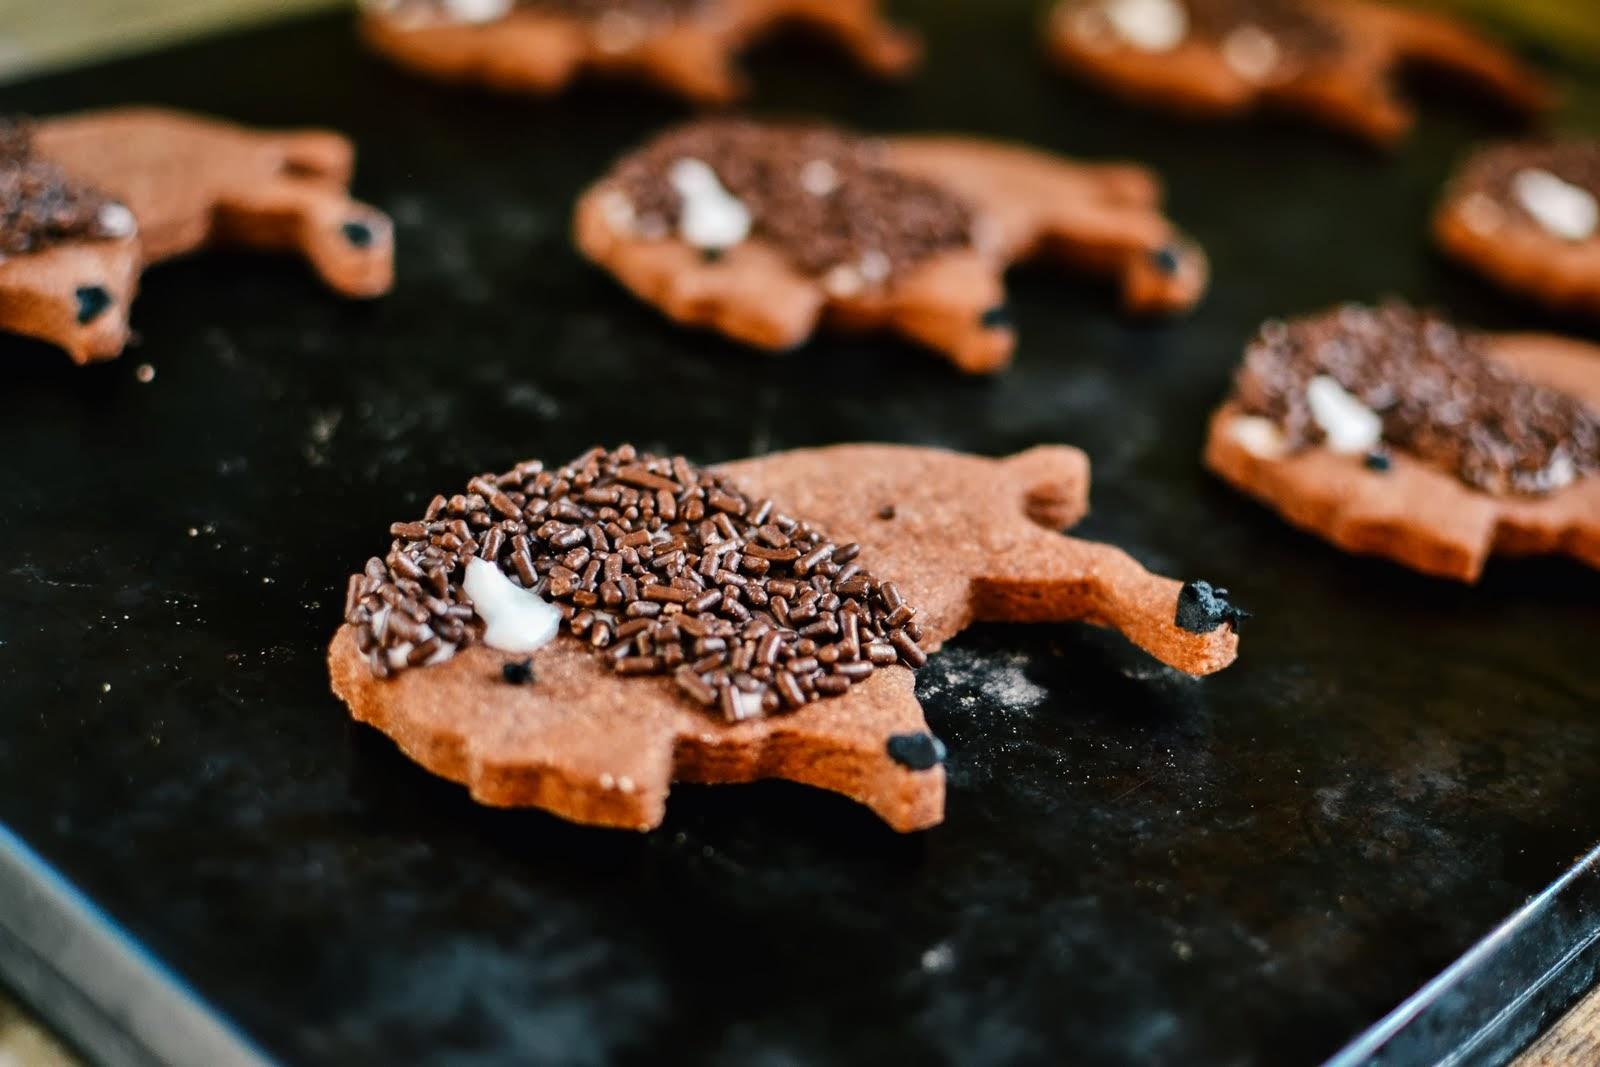 bison+cookies-3.jpg